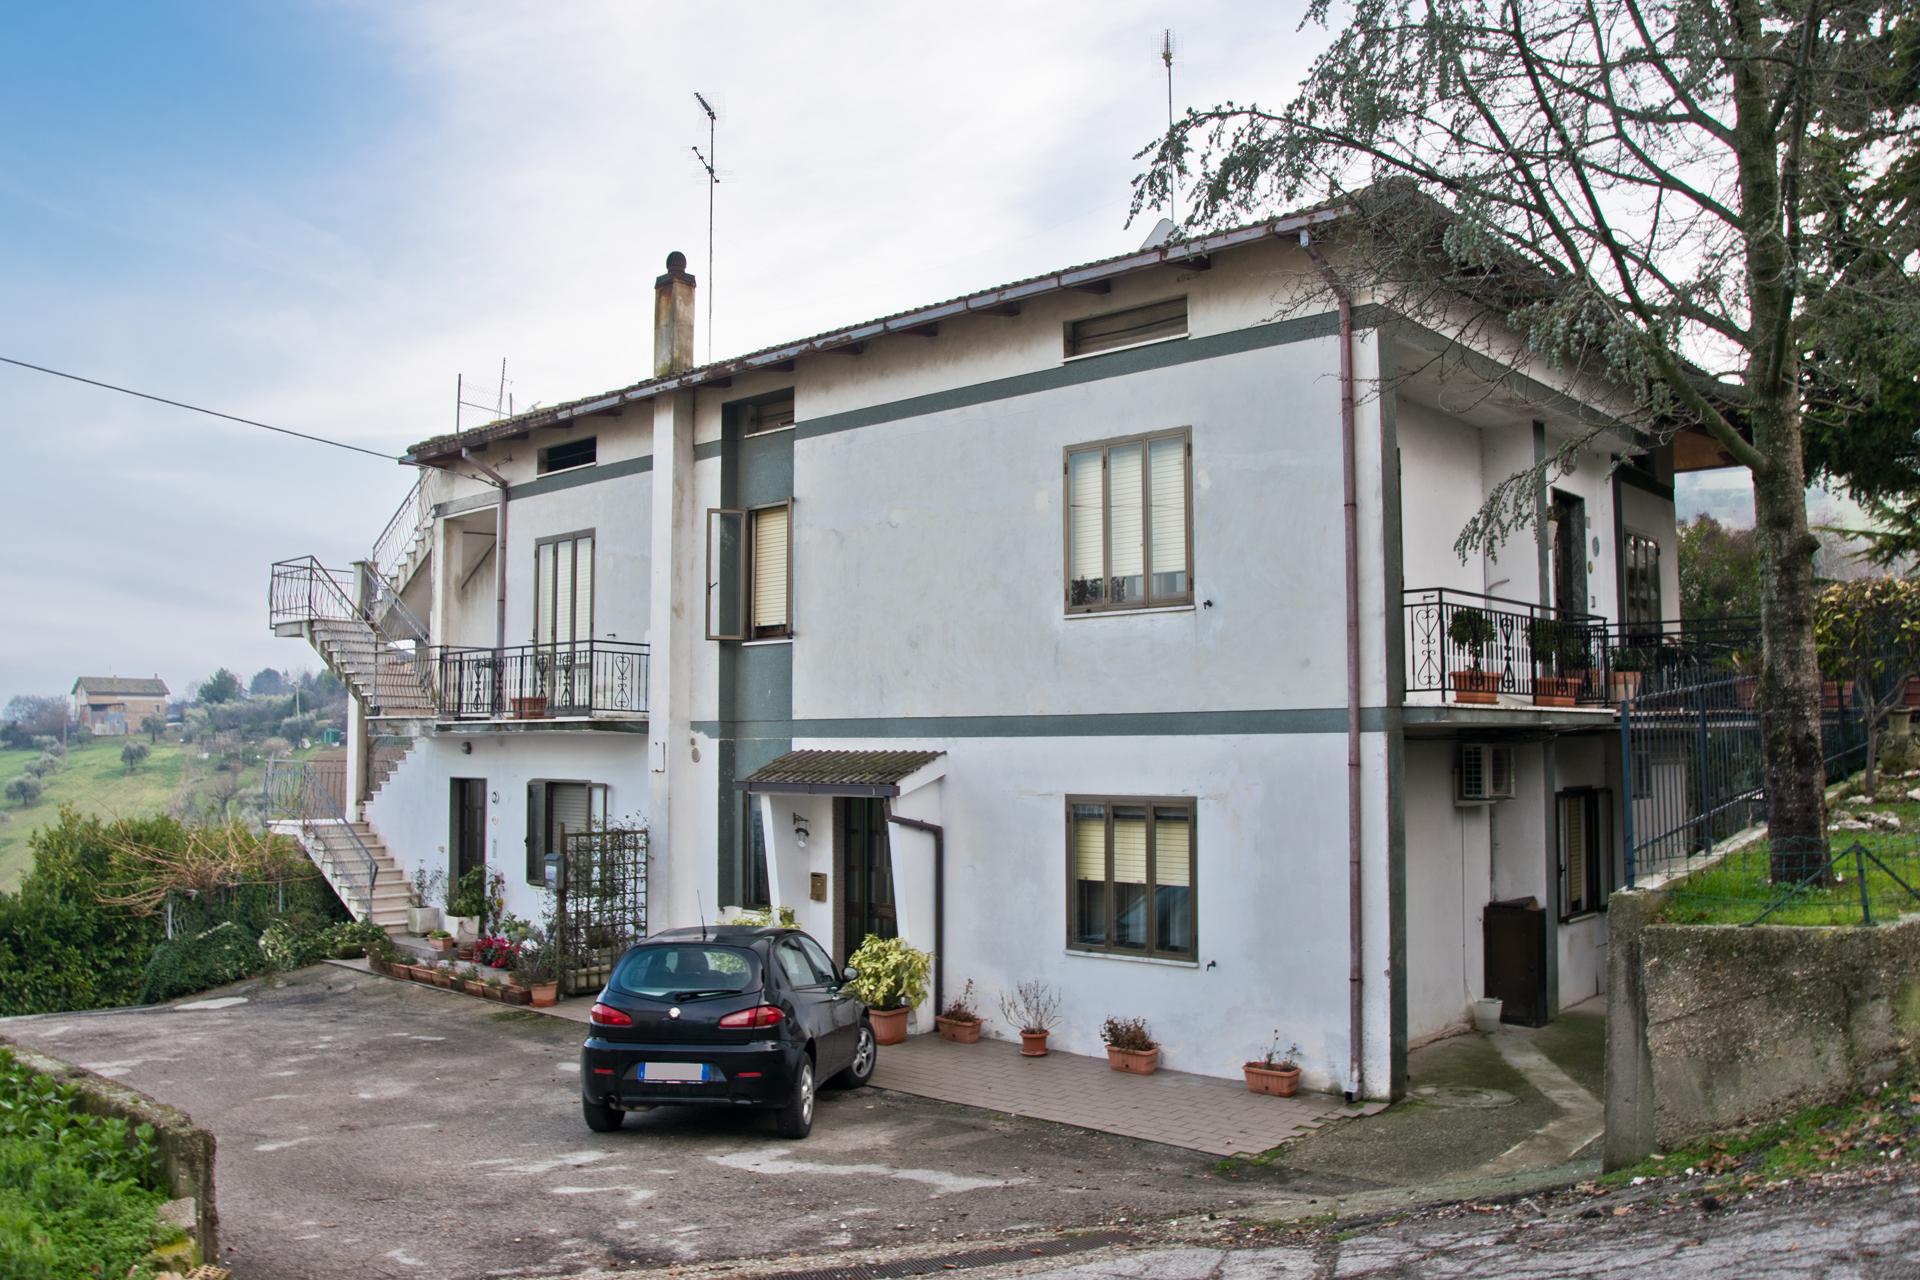 L'Agenzia Immobiliare Puzielli propone appartamento al piano terra a Fermo